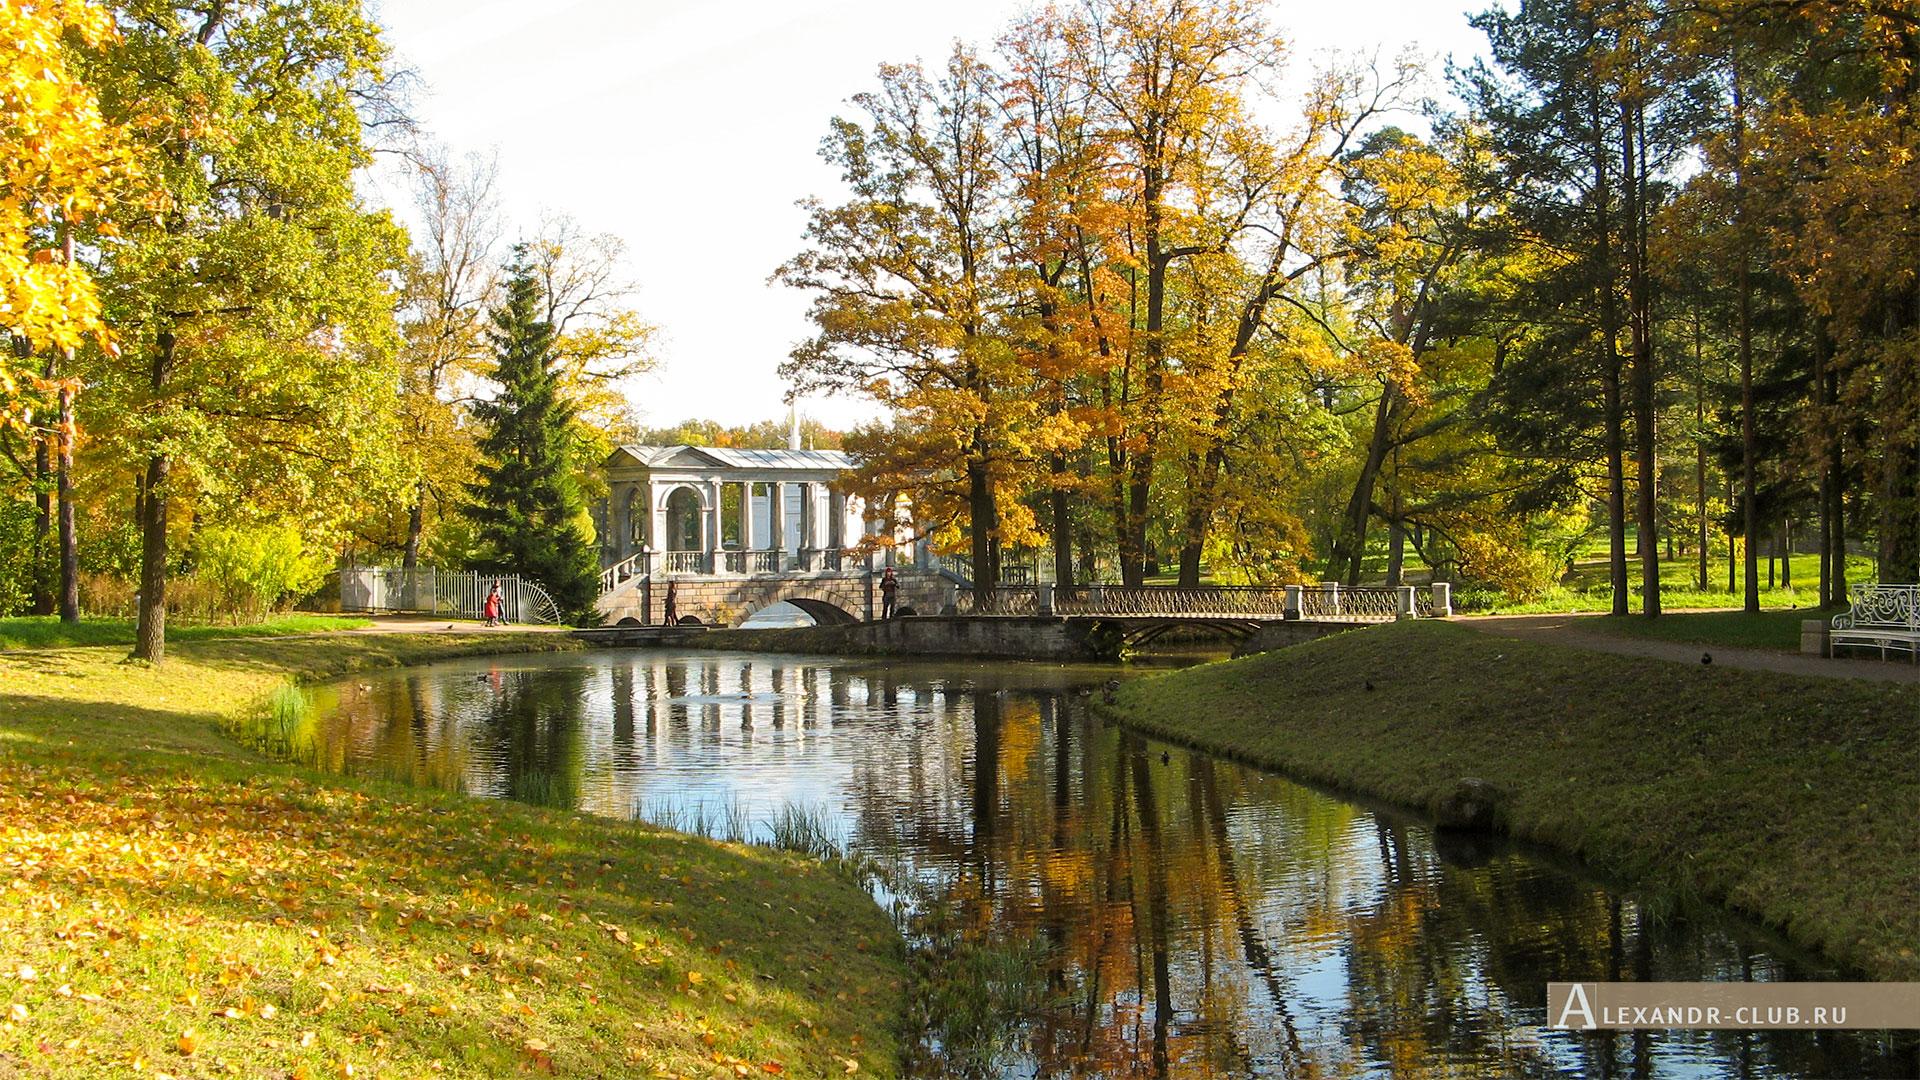 Царское Село, осень, Екатерининский парк, Мраморный Палладиев мост